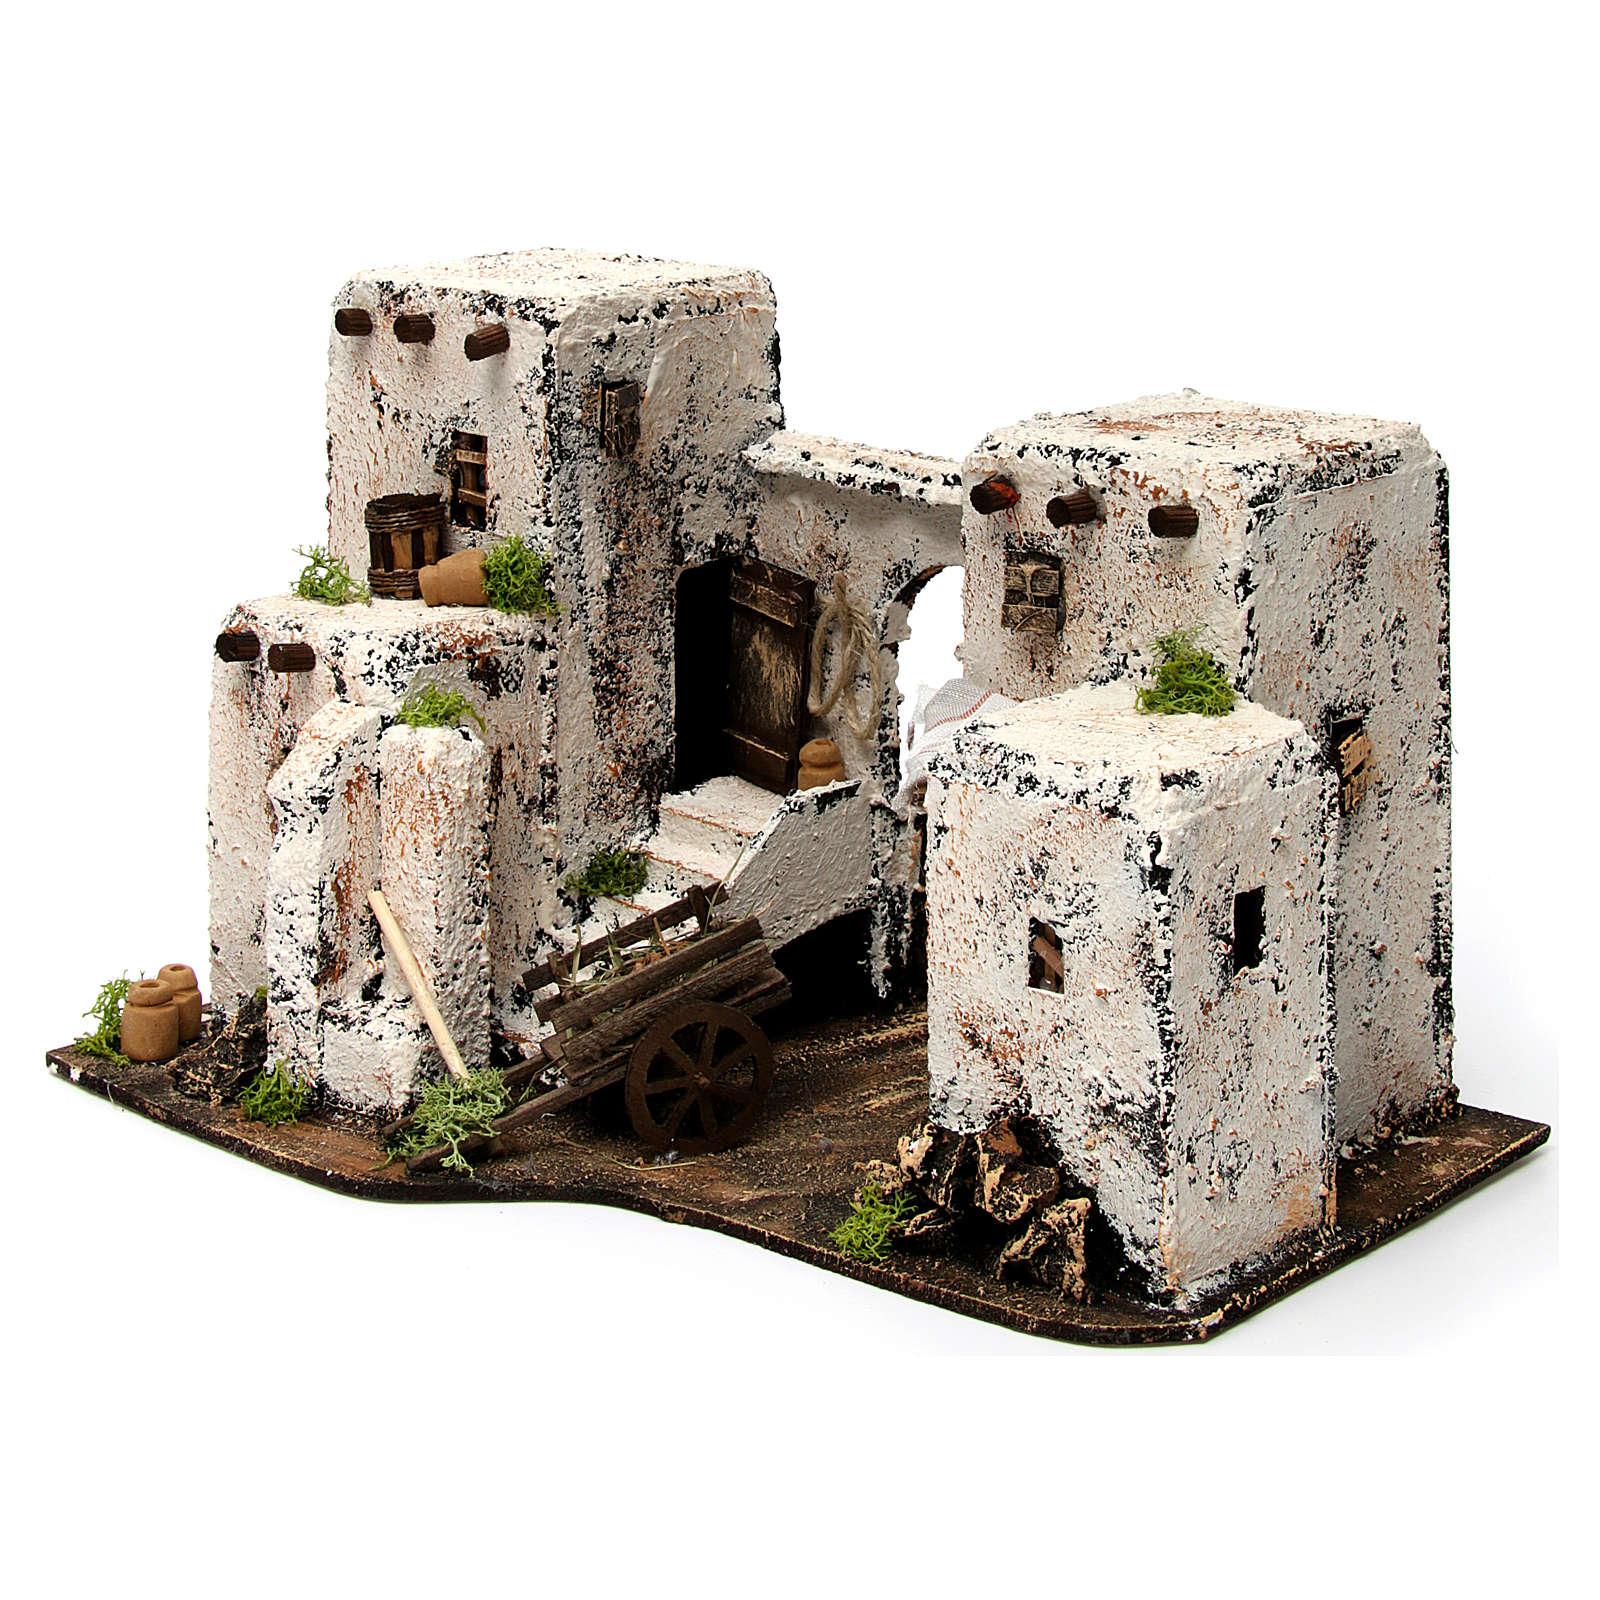 Dom arabski 33x22 h 21,5 cm szopka neapolitańska 4